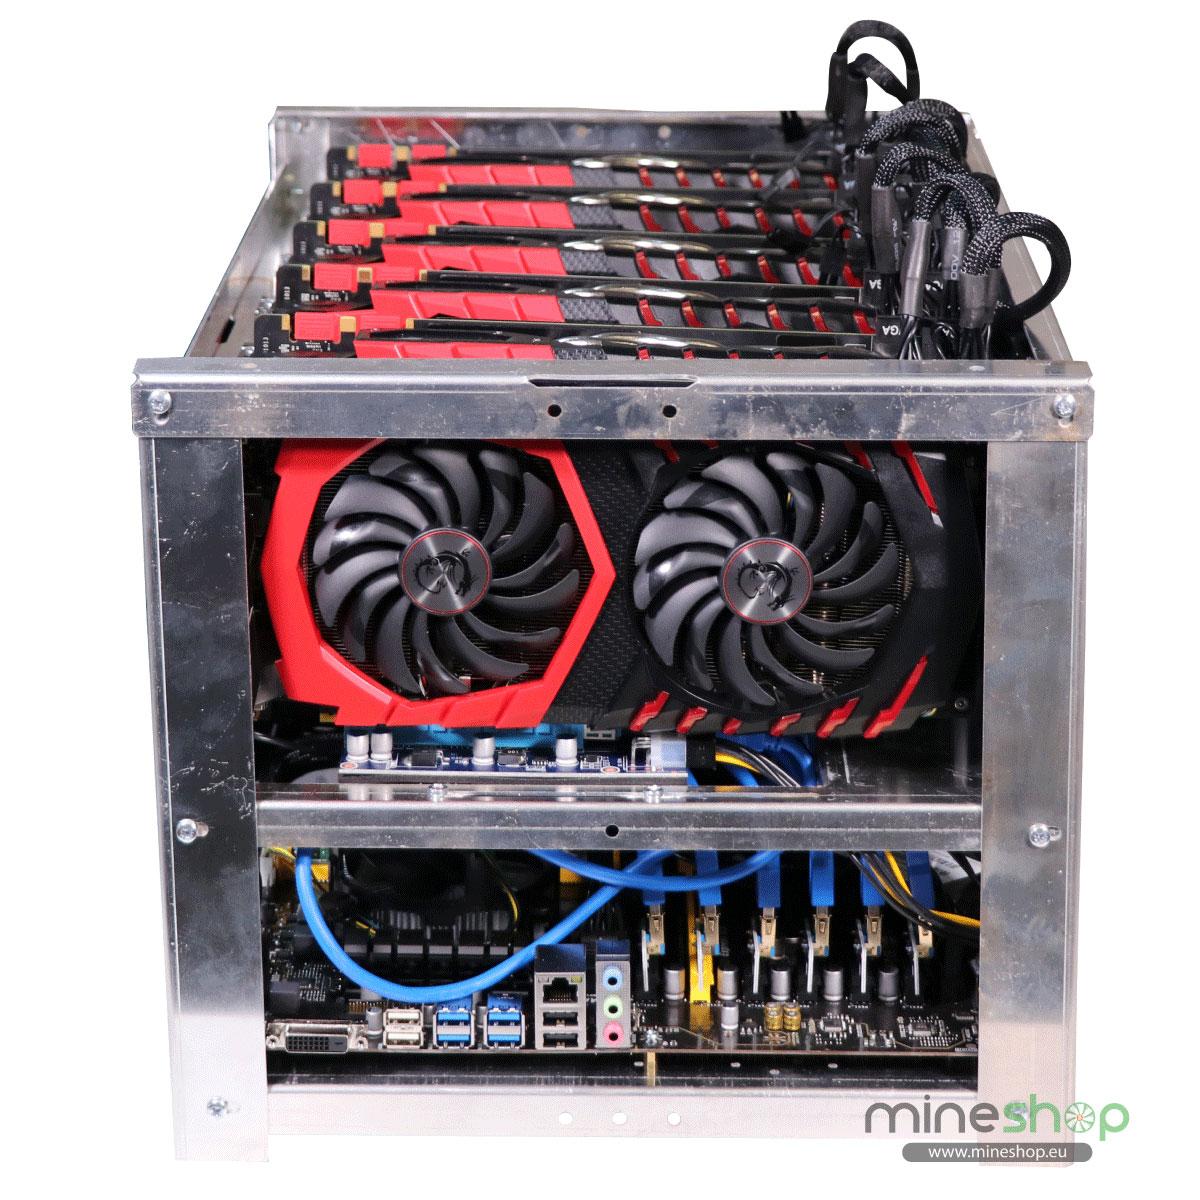 Zcash (ZEC) mining rig 3400 h/s – Mineshop